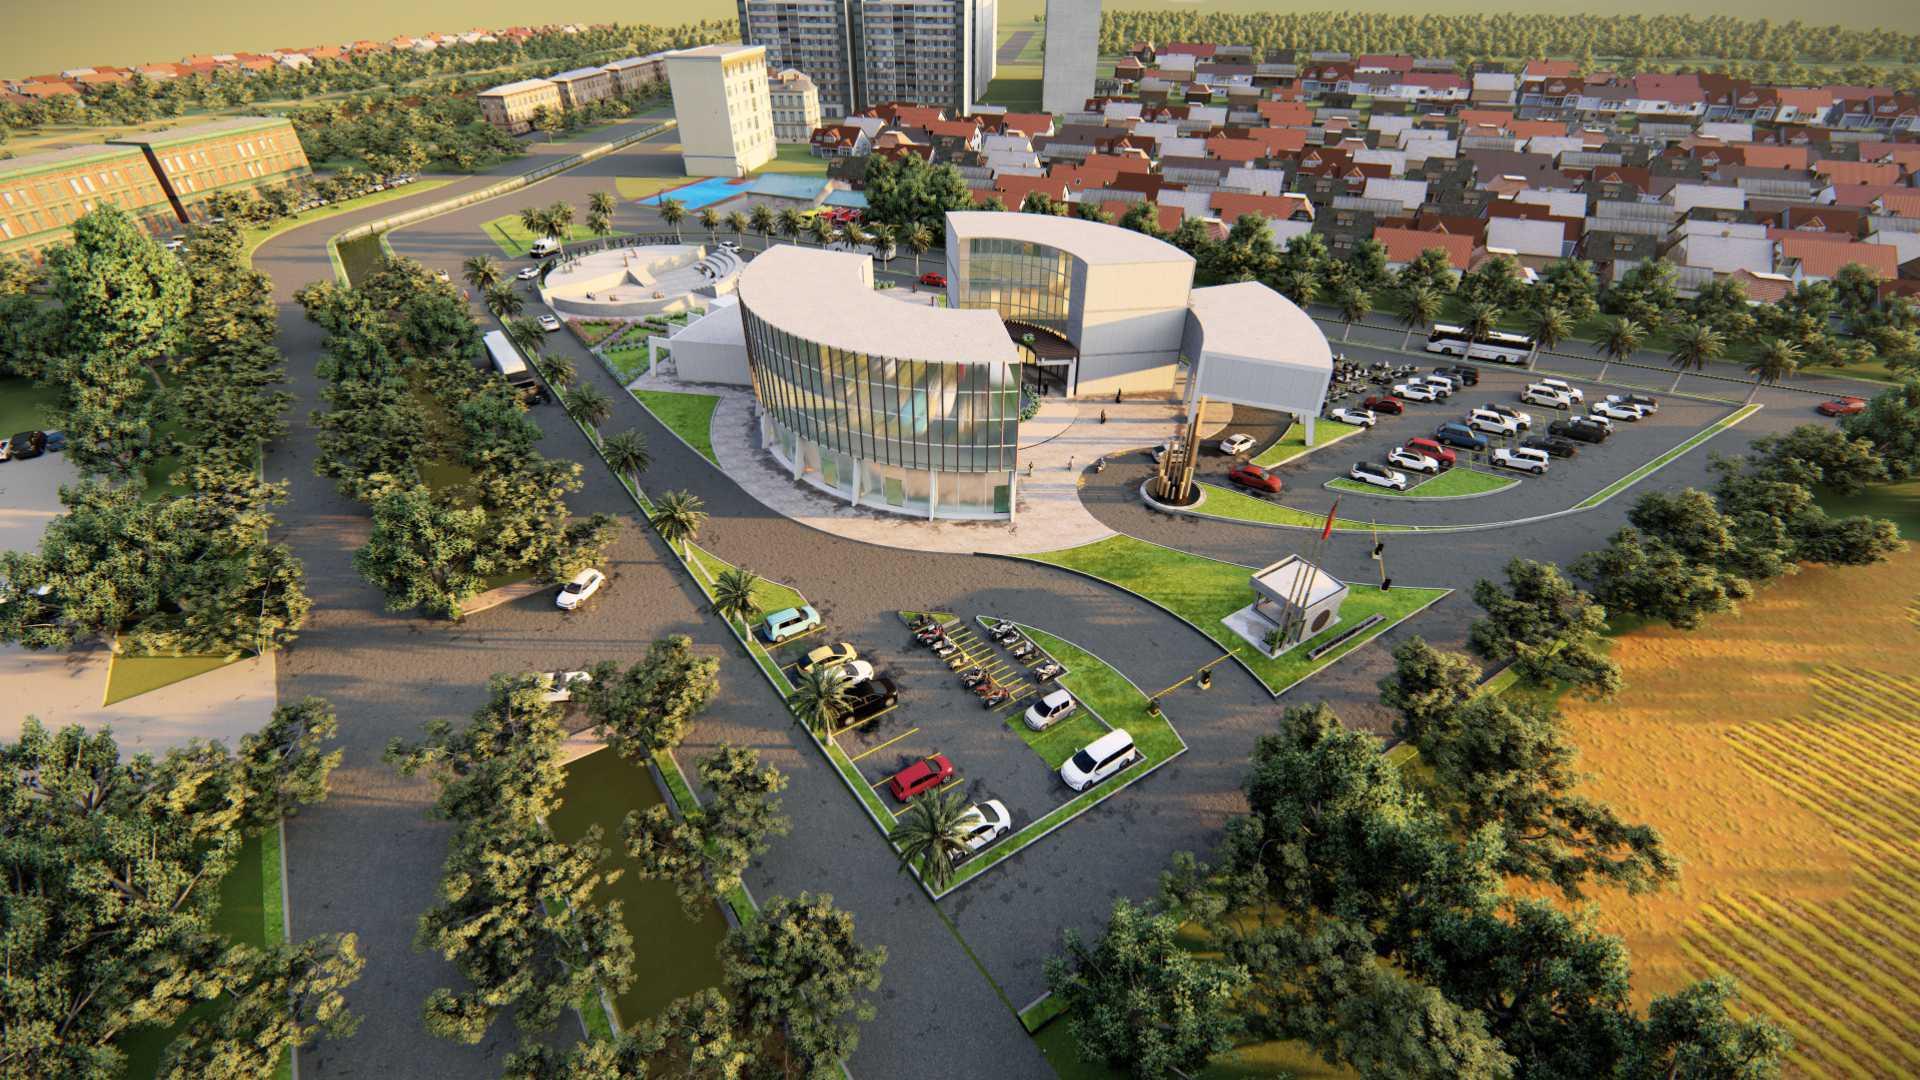 Atelier Vasturuang Project Civic Centre Bekasi, Kota Bks, Jawa Barat, Indonesia Bekasi, Kota Bks, Jawa Barat, Indonesia Atelier-Vasturuang-Project-Civic-Centre   98427